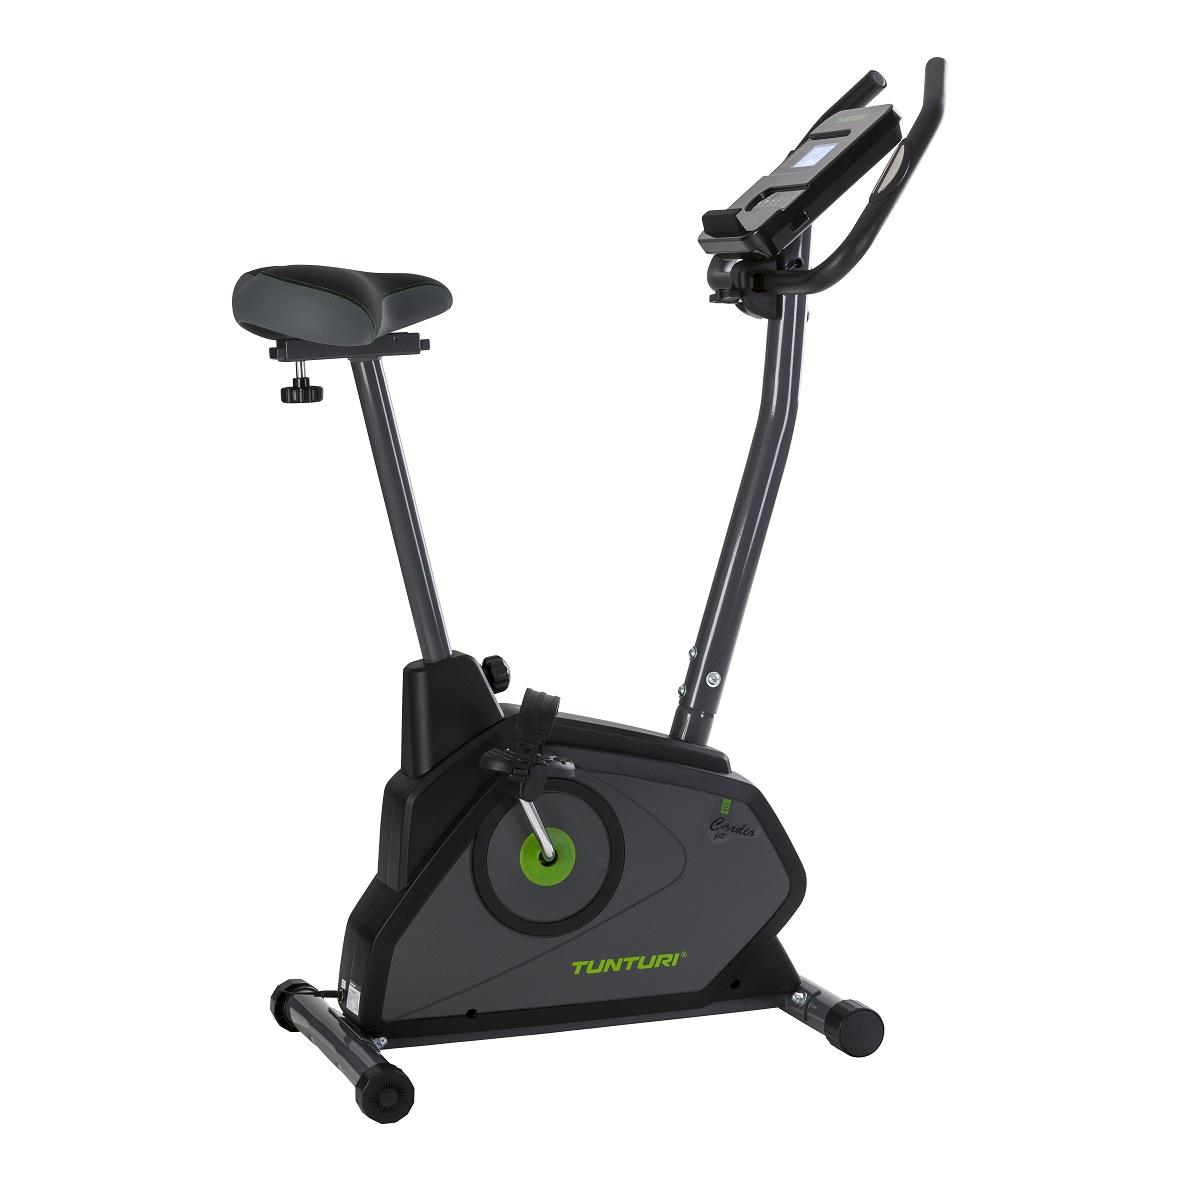 Tunturifitnessonline  - Tunturi Cardio Fit E30 Ergometer Hometrainer - Gratis trainingsschema